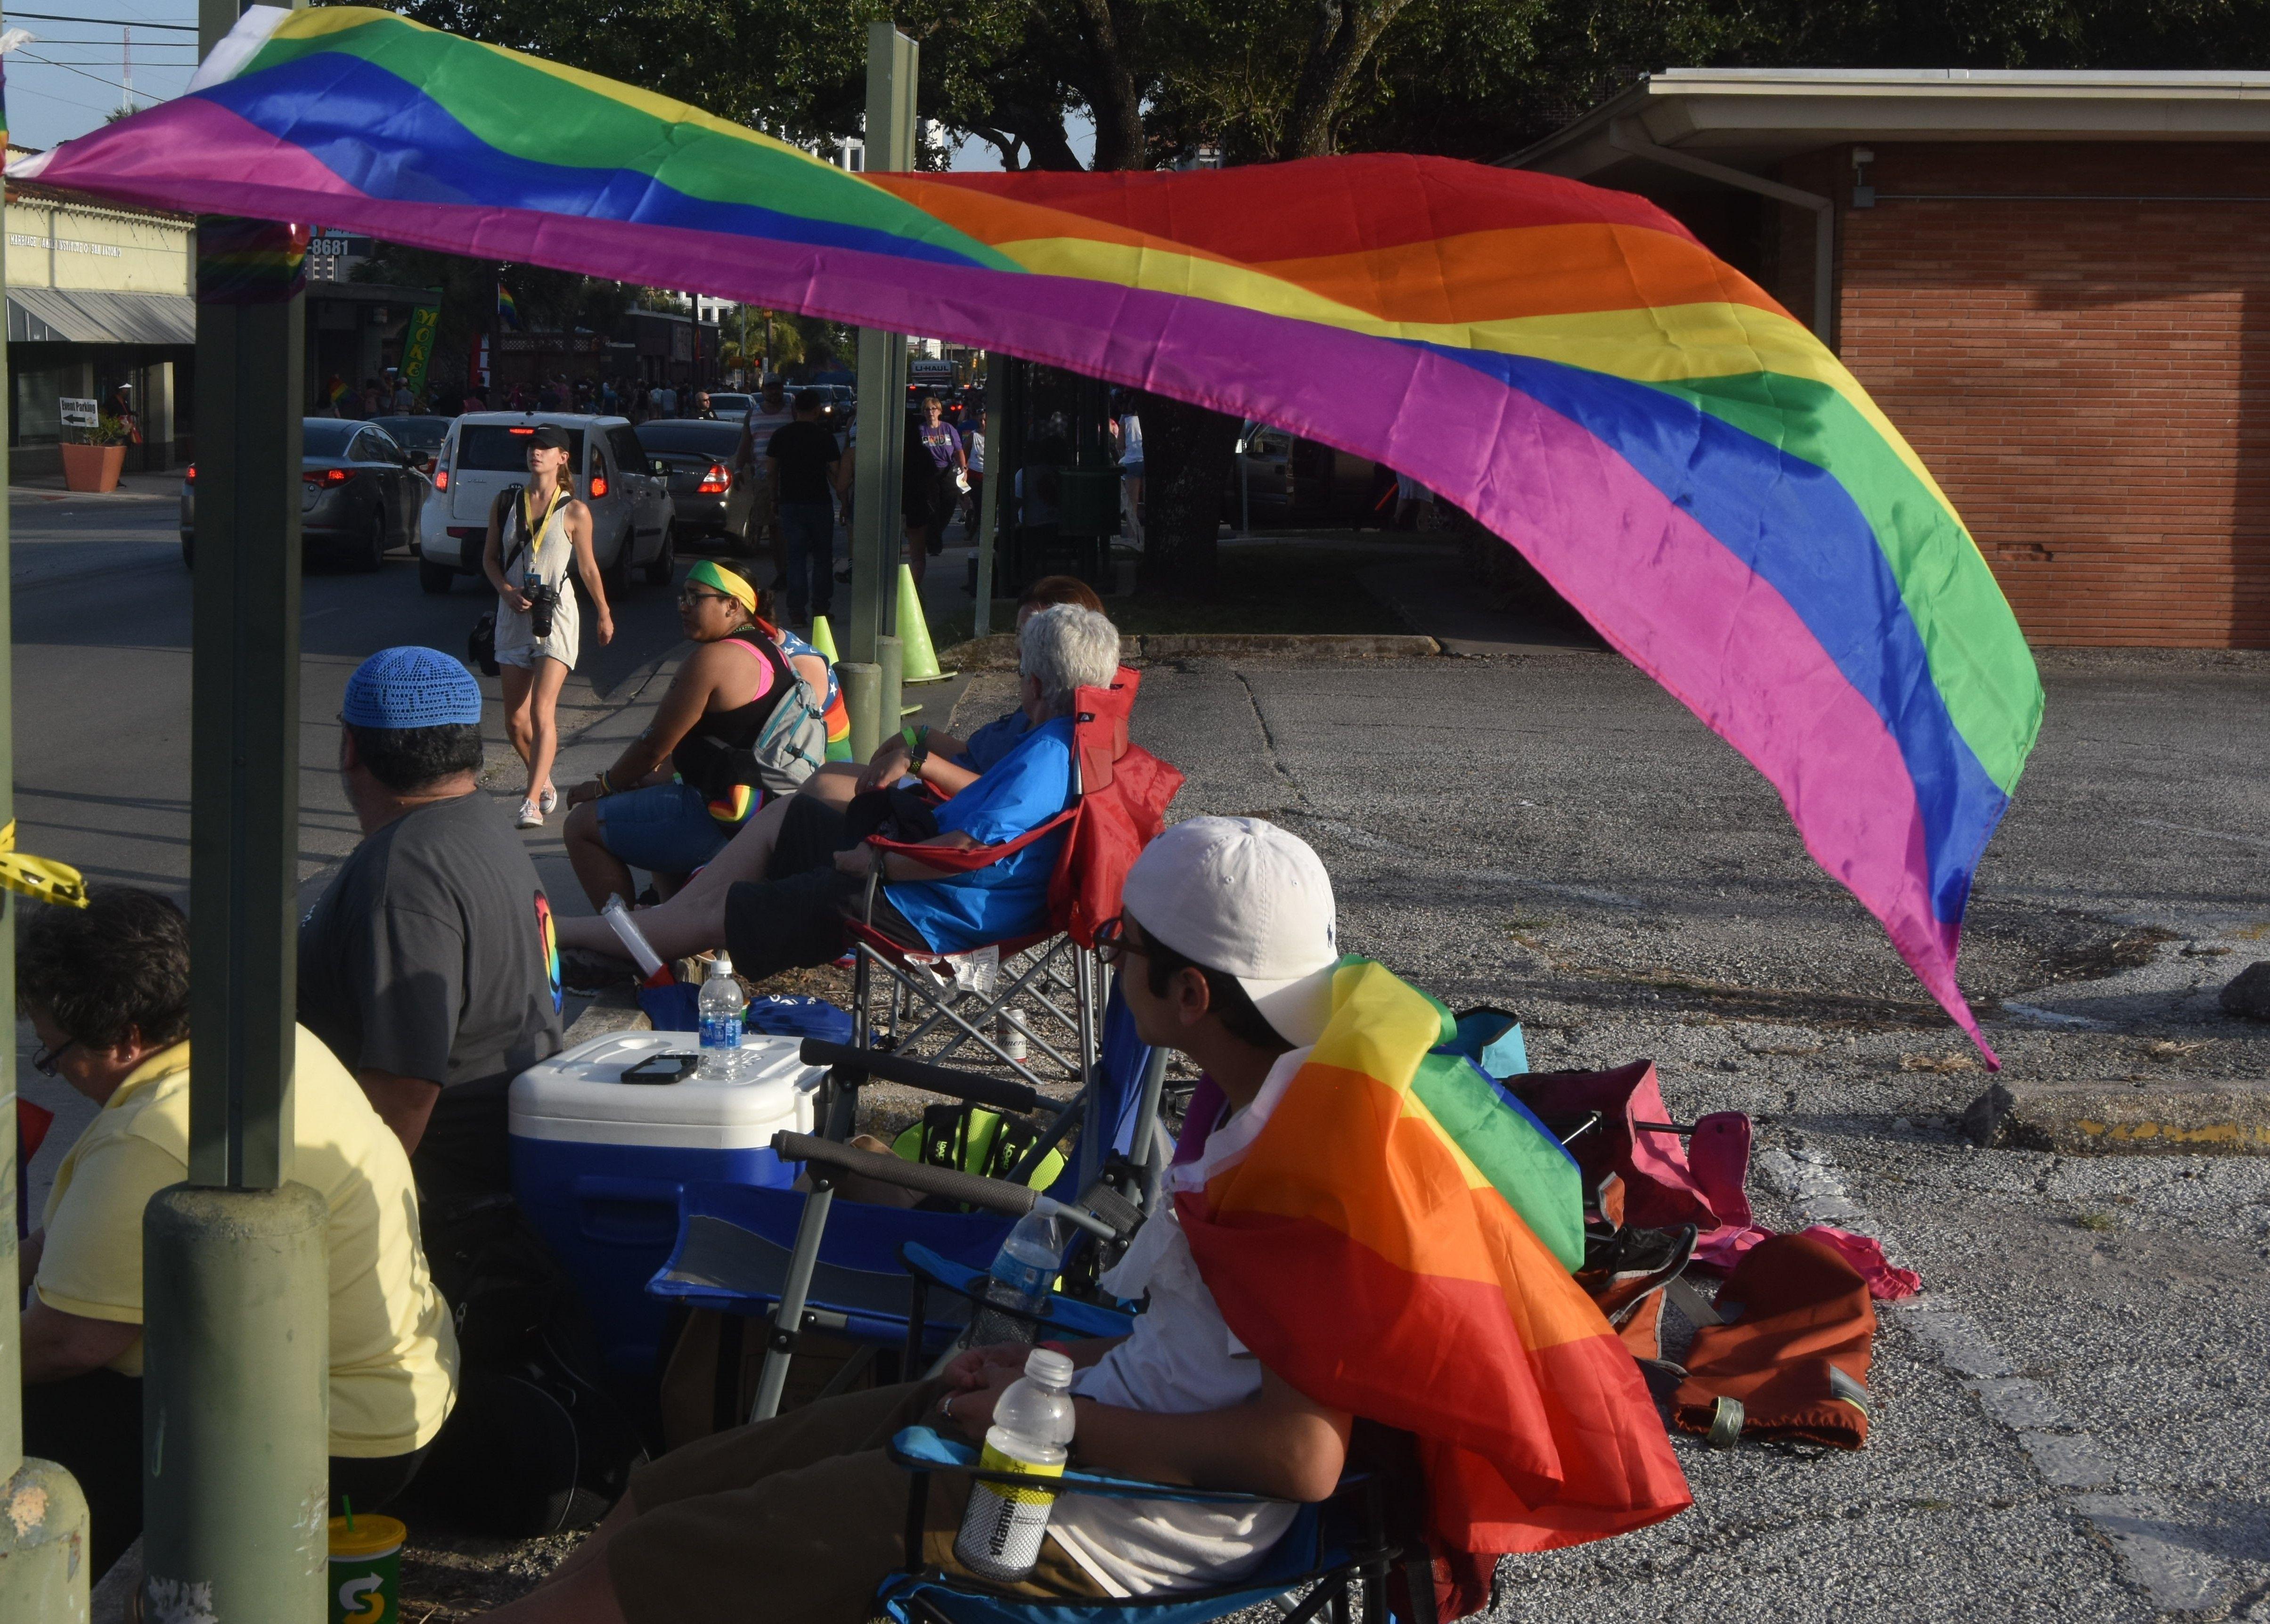 Gay meetup events this week in San Antonio, TX